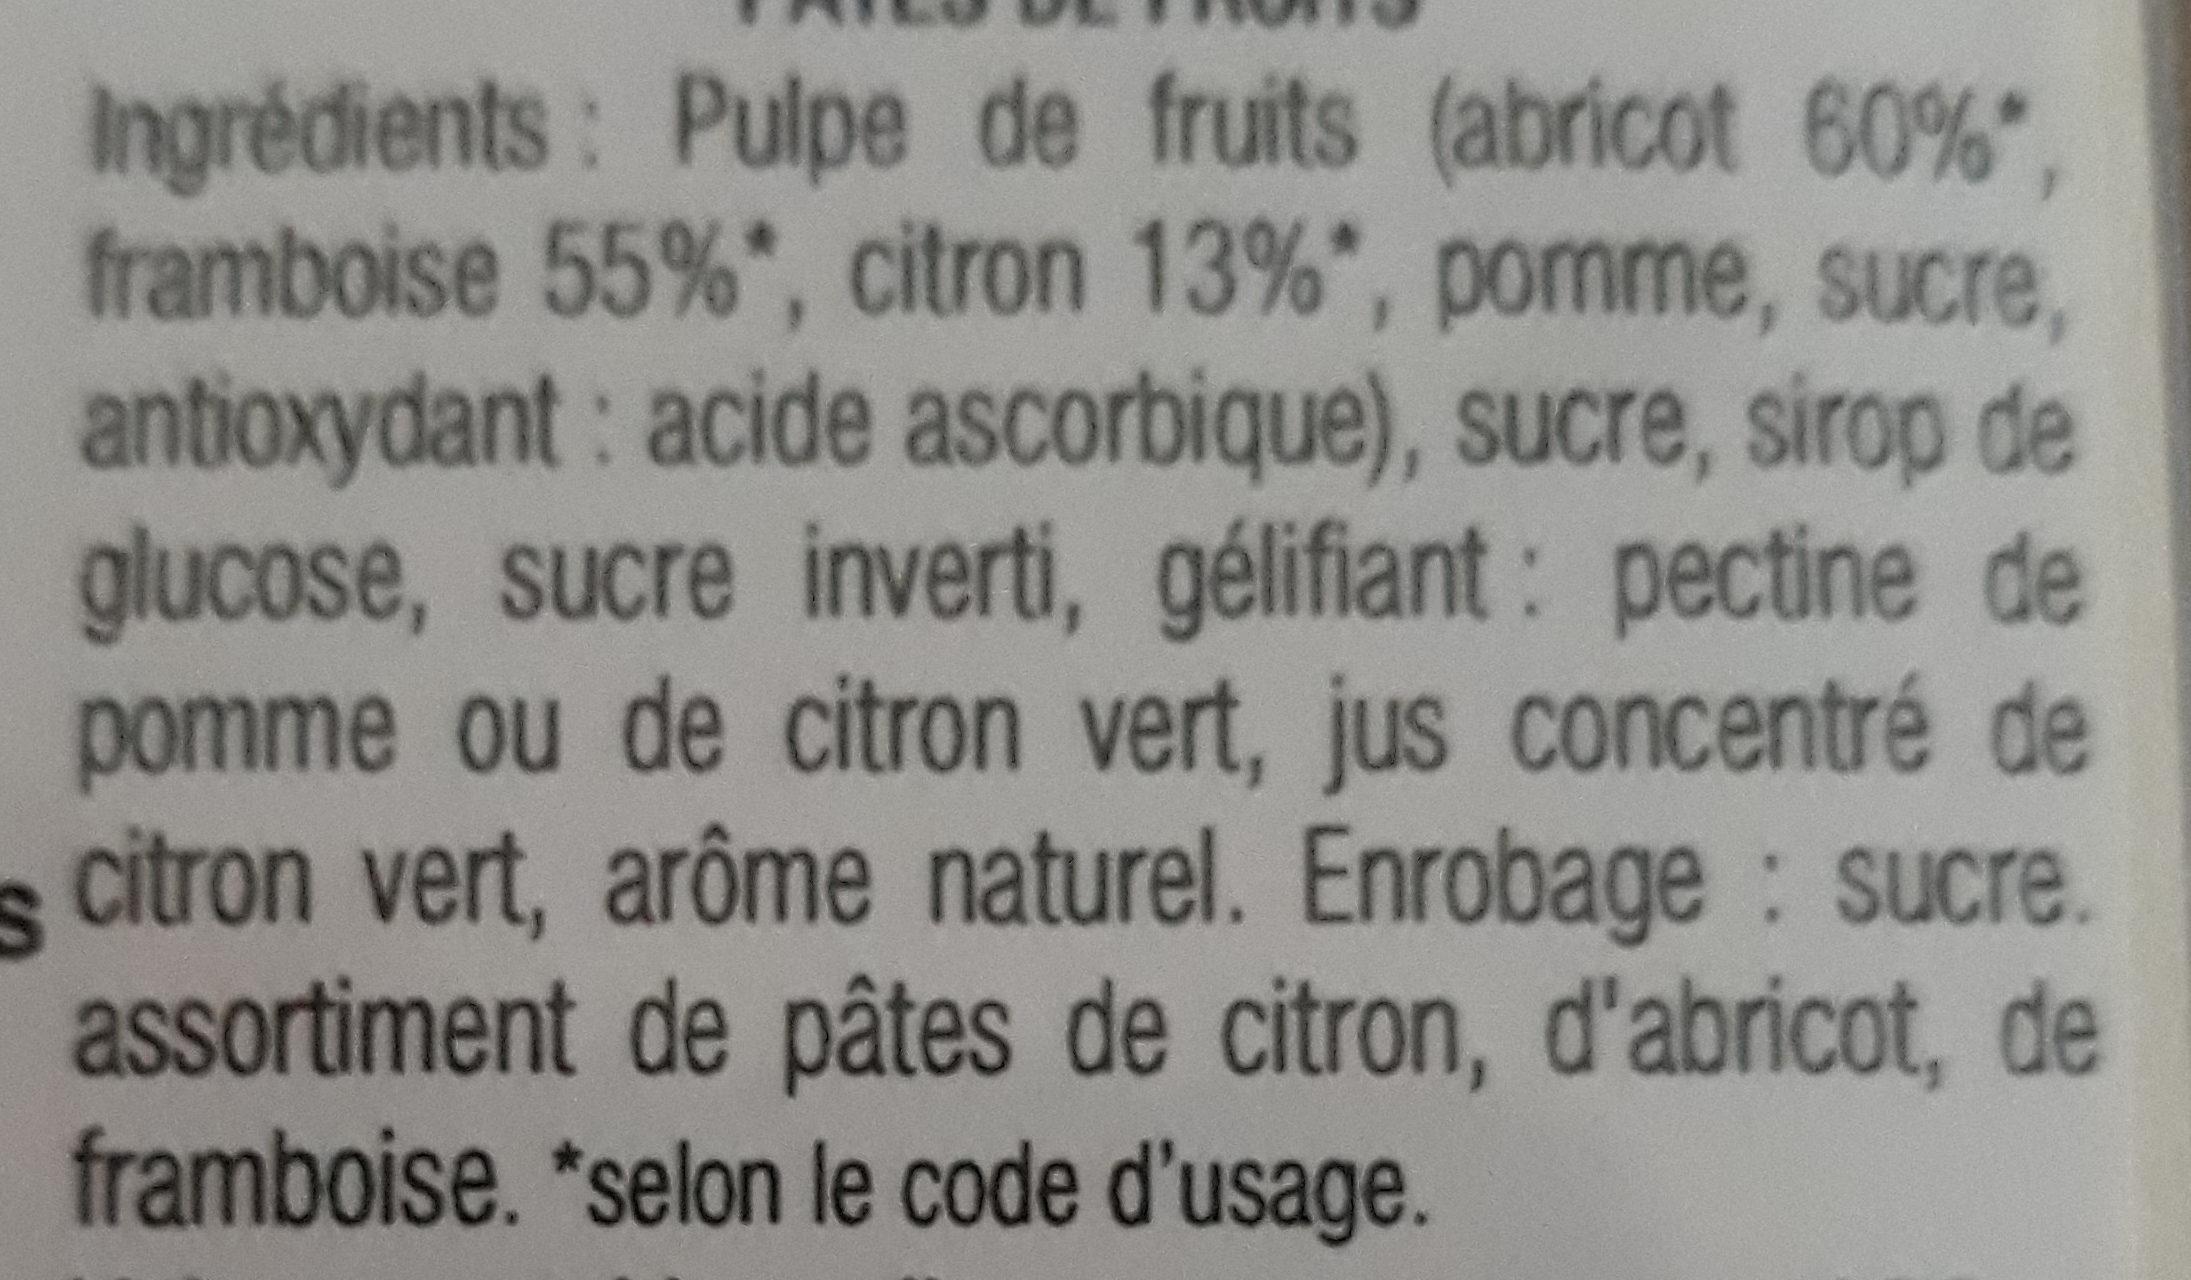 La pâte du fruit - Ingrédients